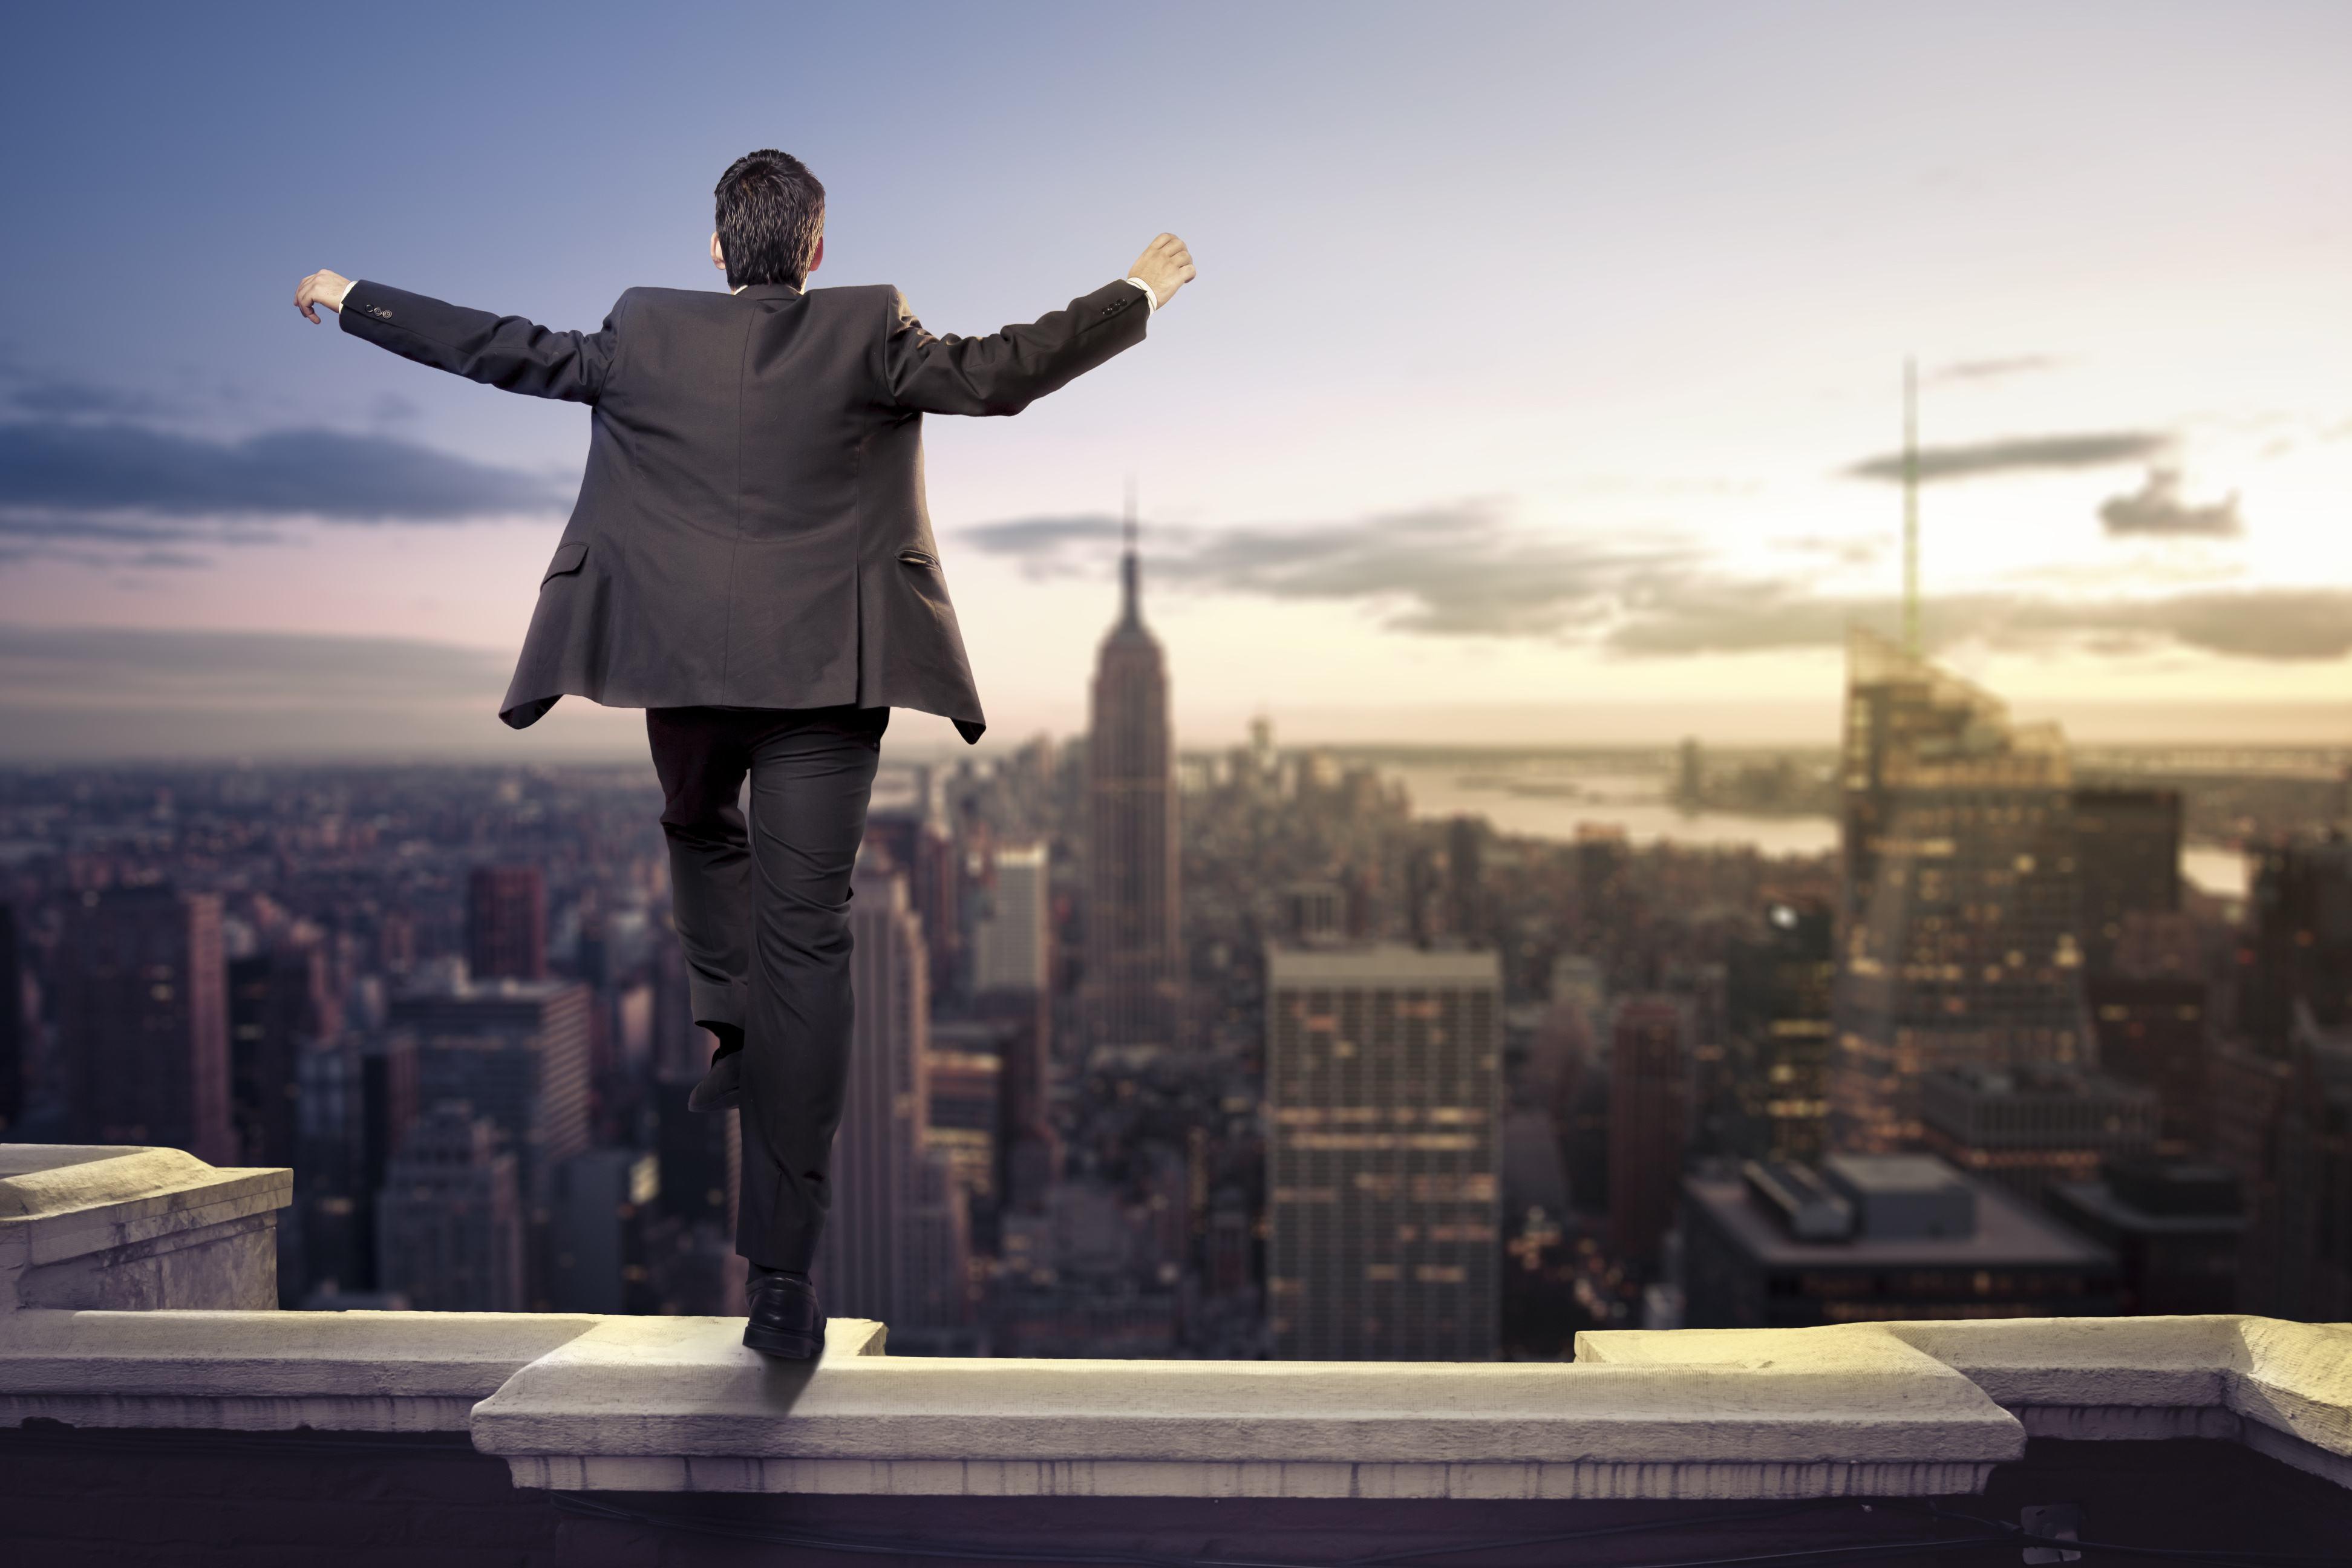 企业总裁培训:如何提升企业执行力?